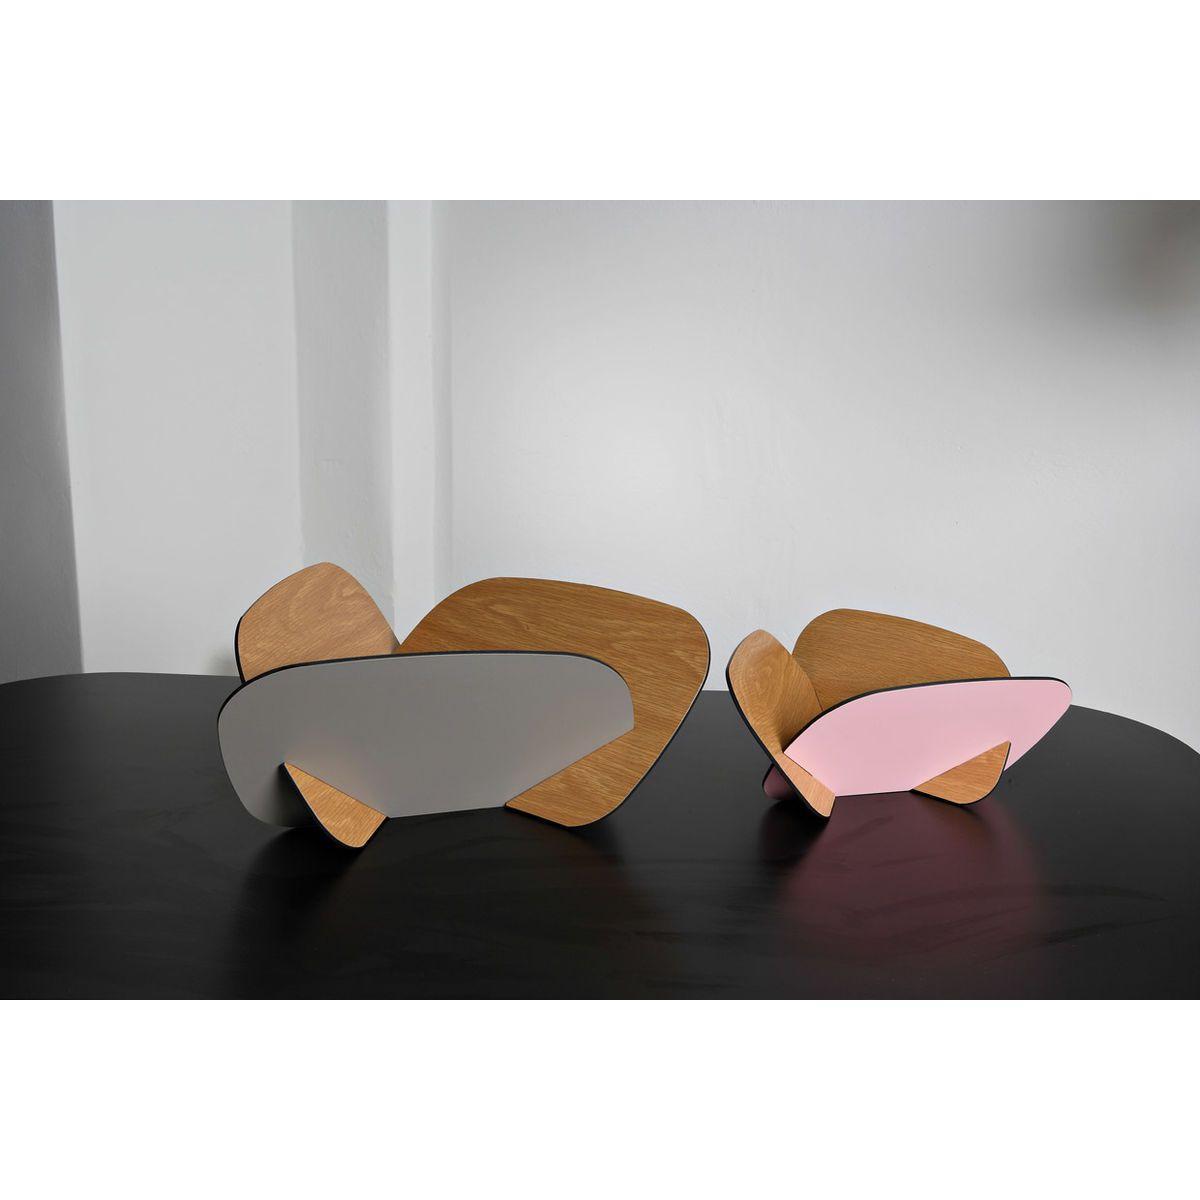 Contenitori multiuso formato da tre tasselli incassati tra loro colore rovere, grigio e rosa